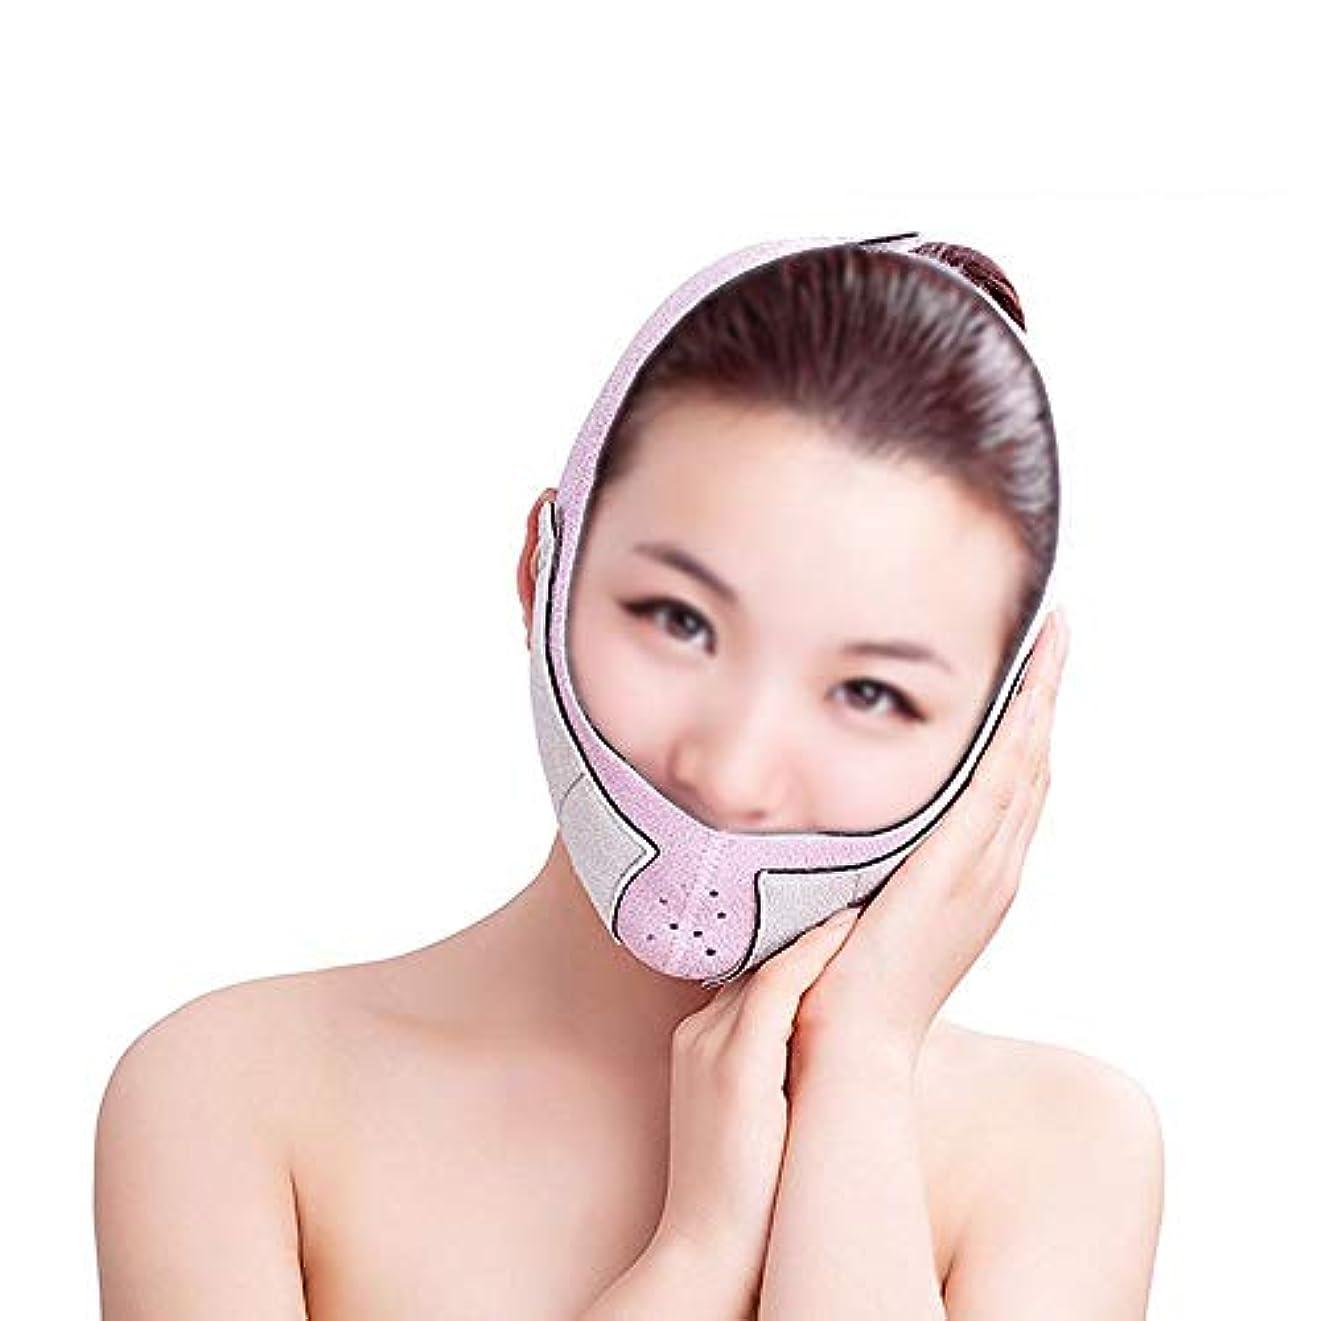 平和フィットネス目の前のXHLMRMJ フェイスリフトマスク、痩身ベルト薄いフェイスマスク強力な持ち上げ小さなV顔薄い顔包帯美容フェイスリフティングデバイス